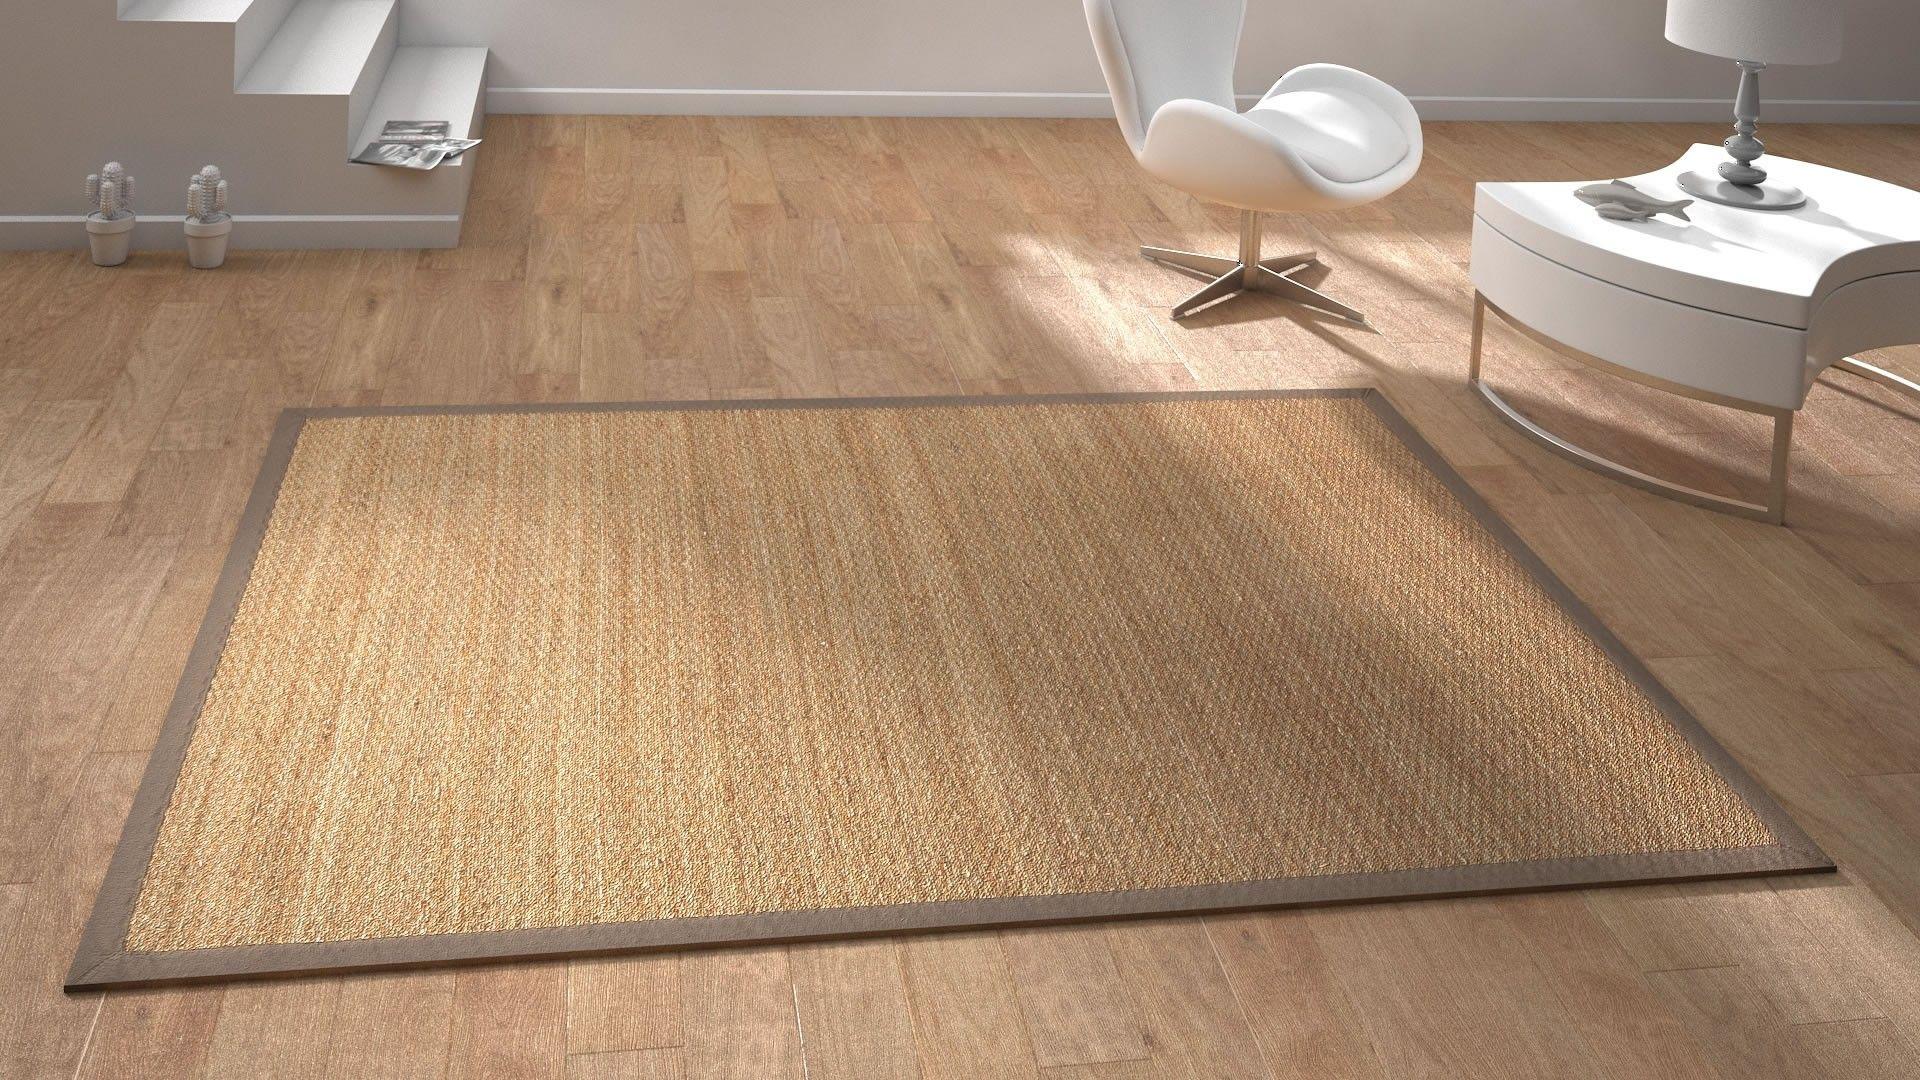 tapis contemporain 39 jonc de mer 39 j 39 h site entre jonc de mer ou celui de montagne for the. Black Bedroom Furniture Sets. Home Design Ideas